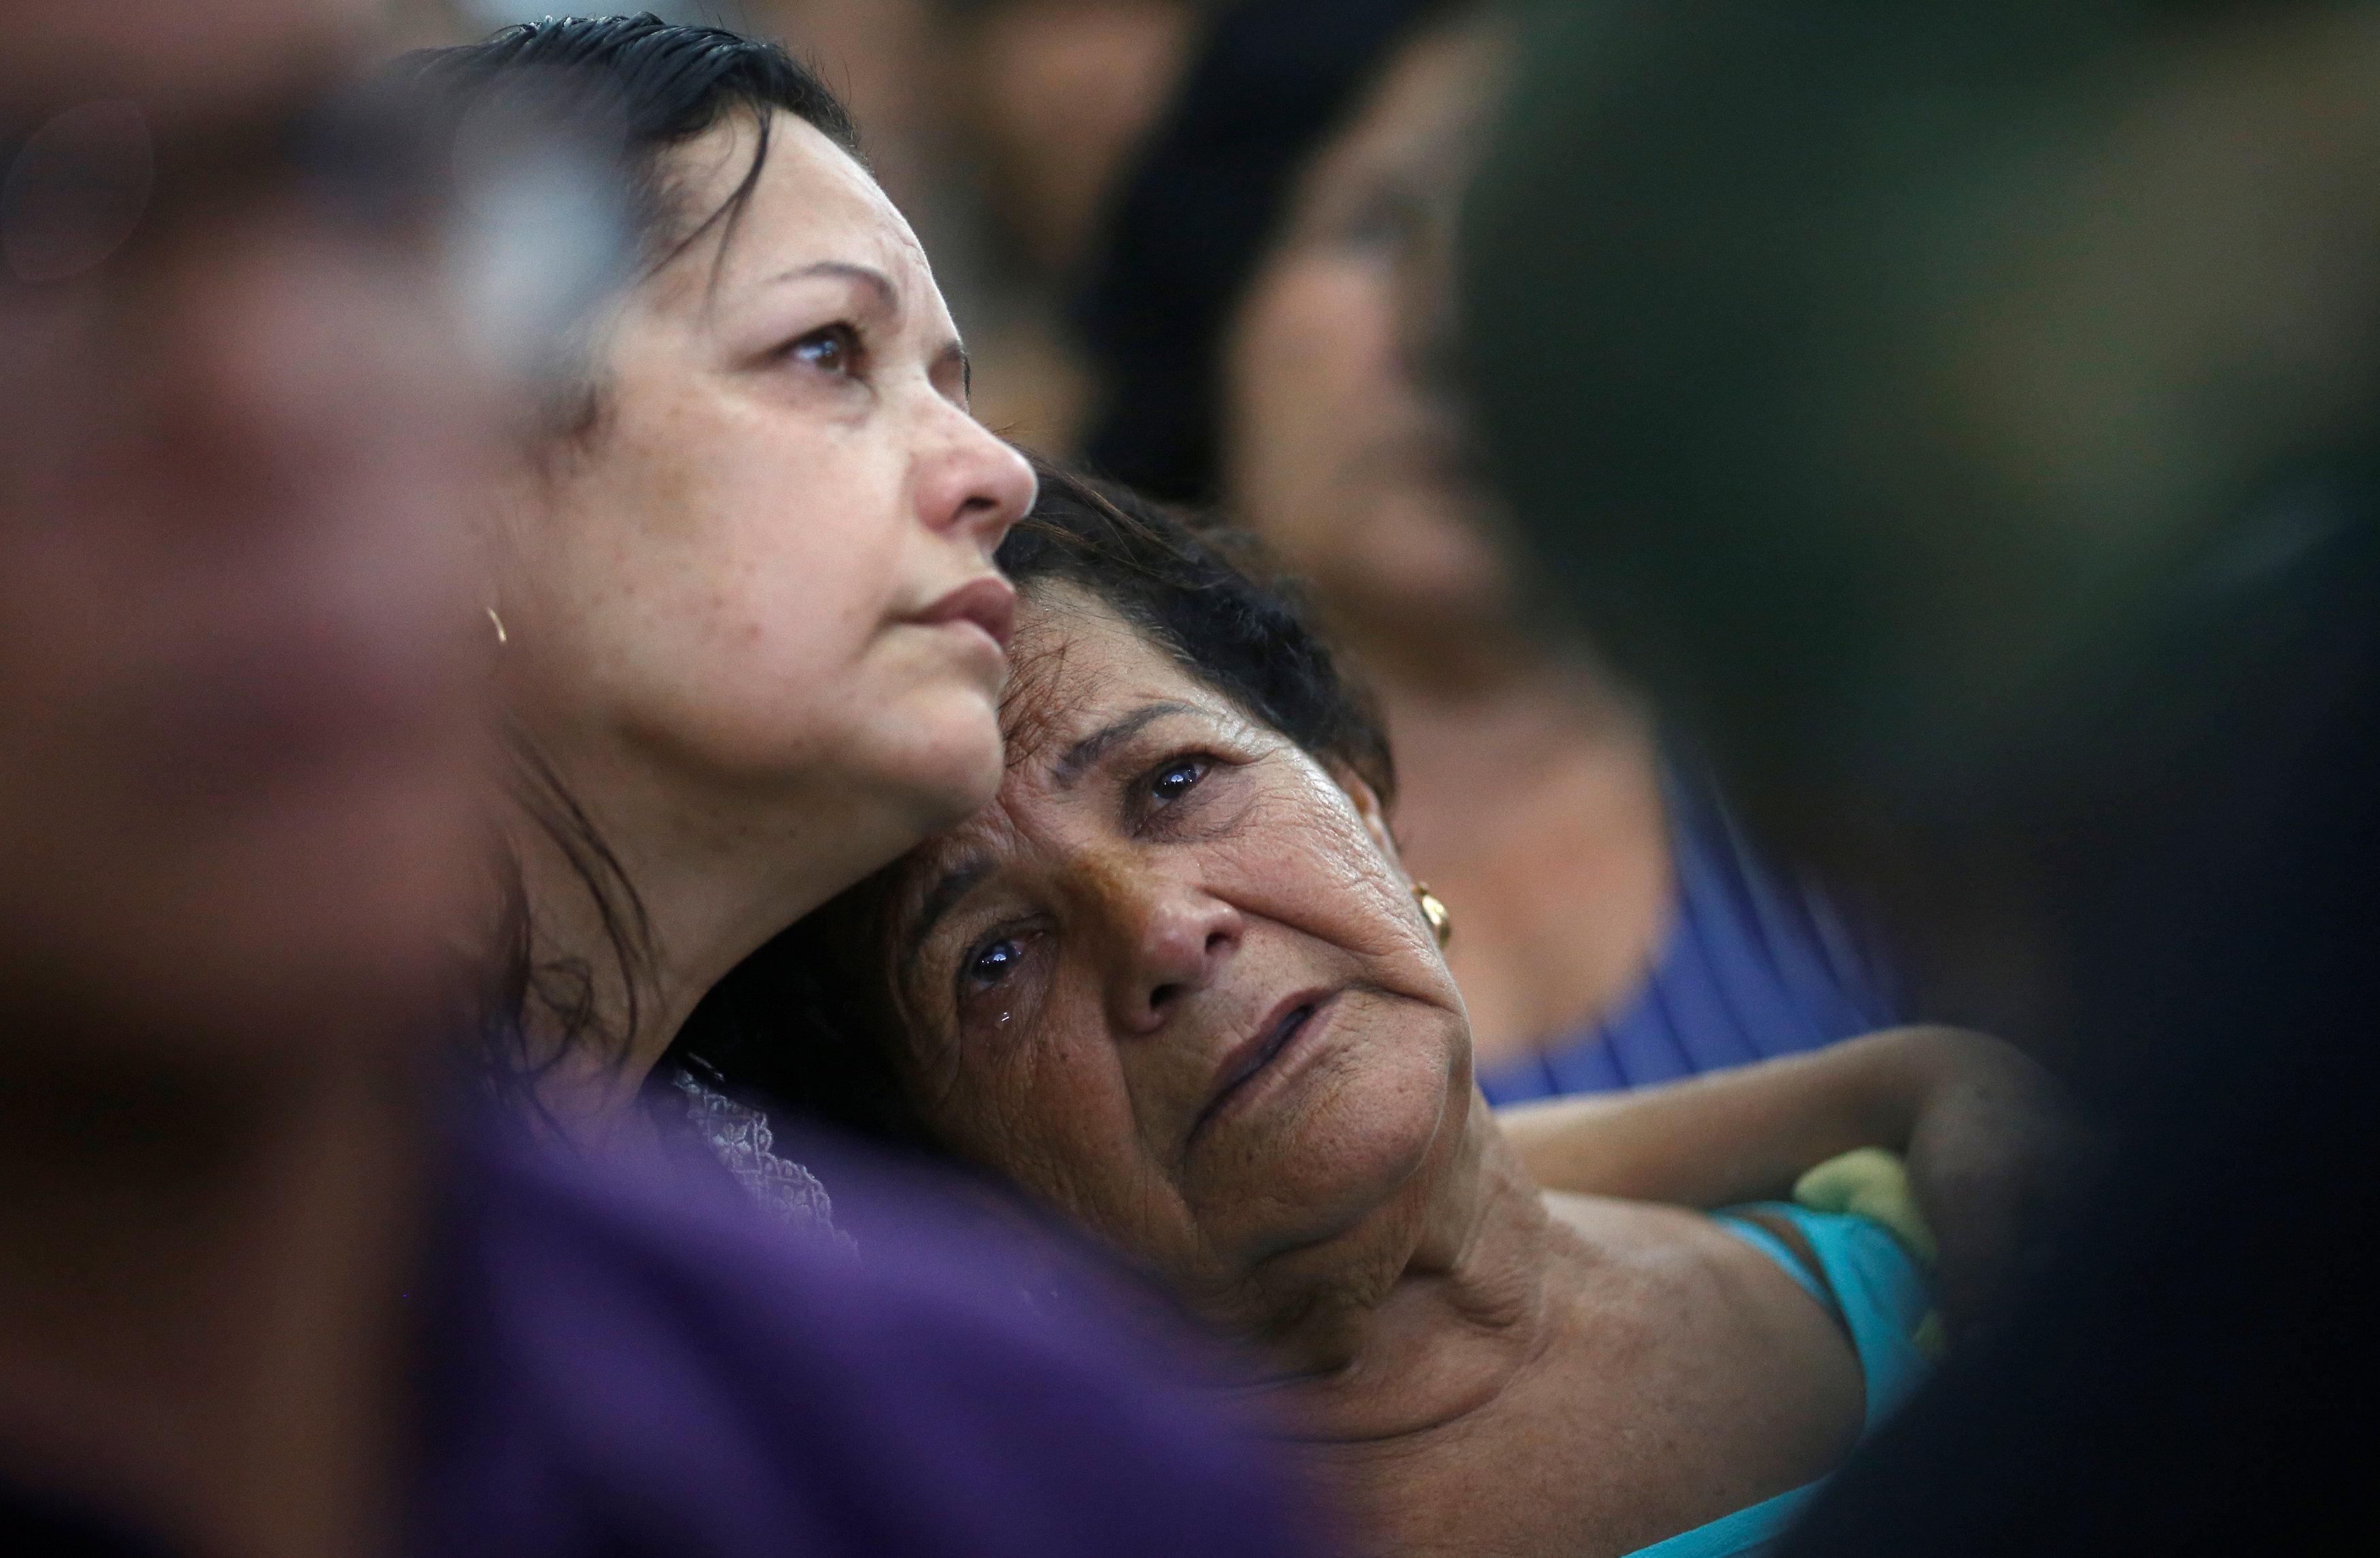 الغضب والحزن يهيمنان على المشهد بالبرازيل